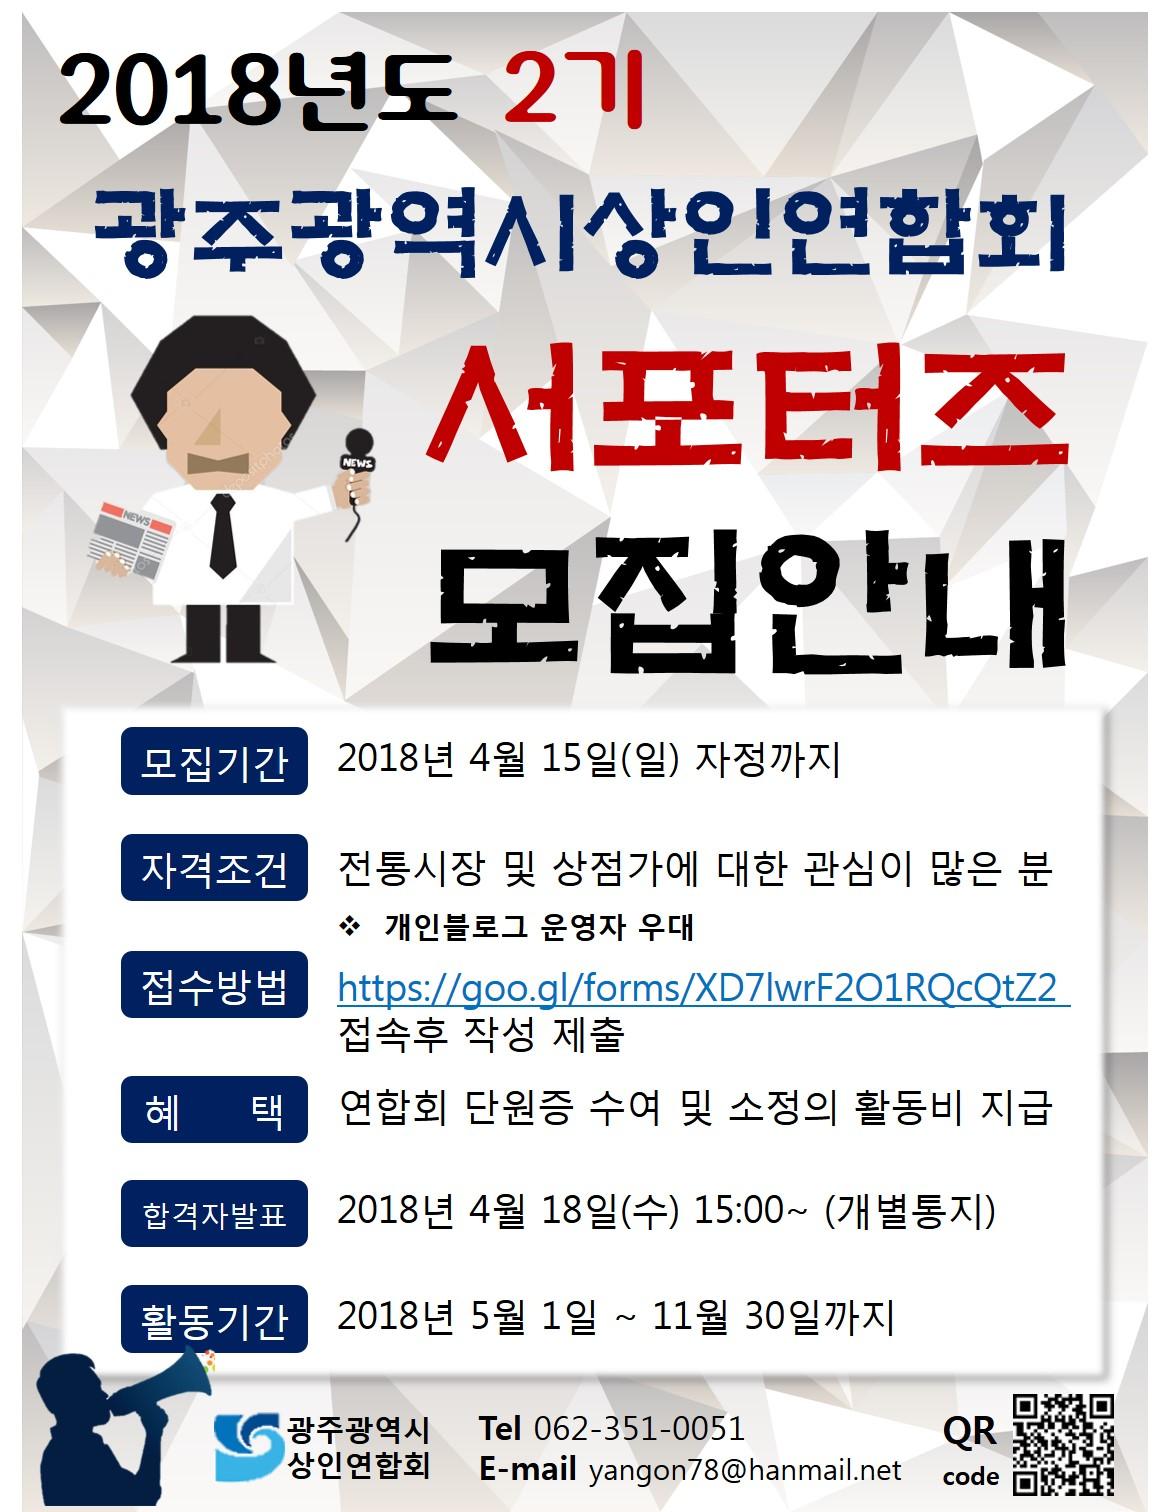 광주광역시상인연합회 서포터즈 모집안내